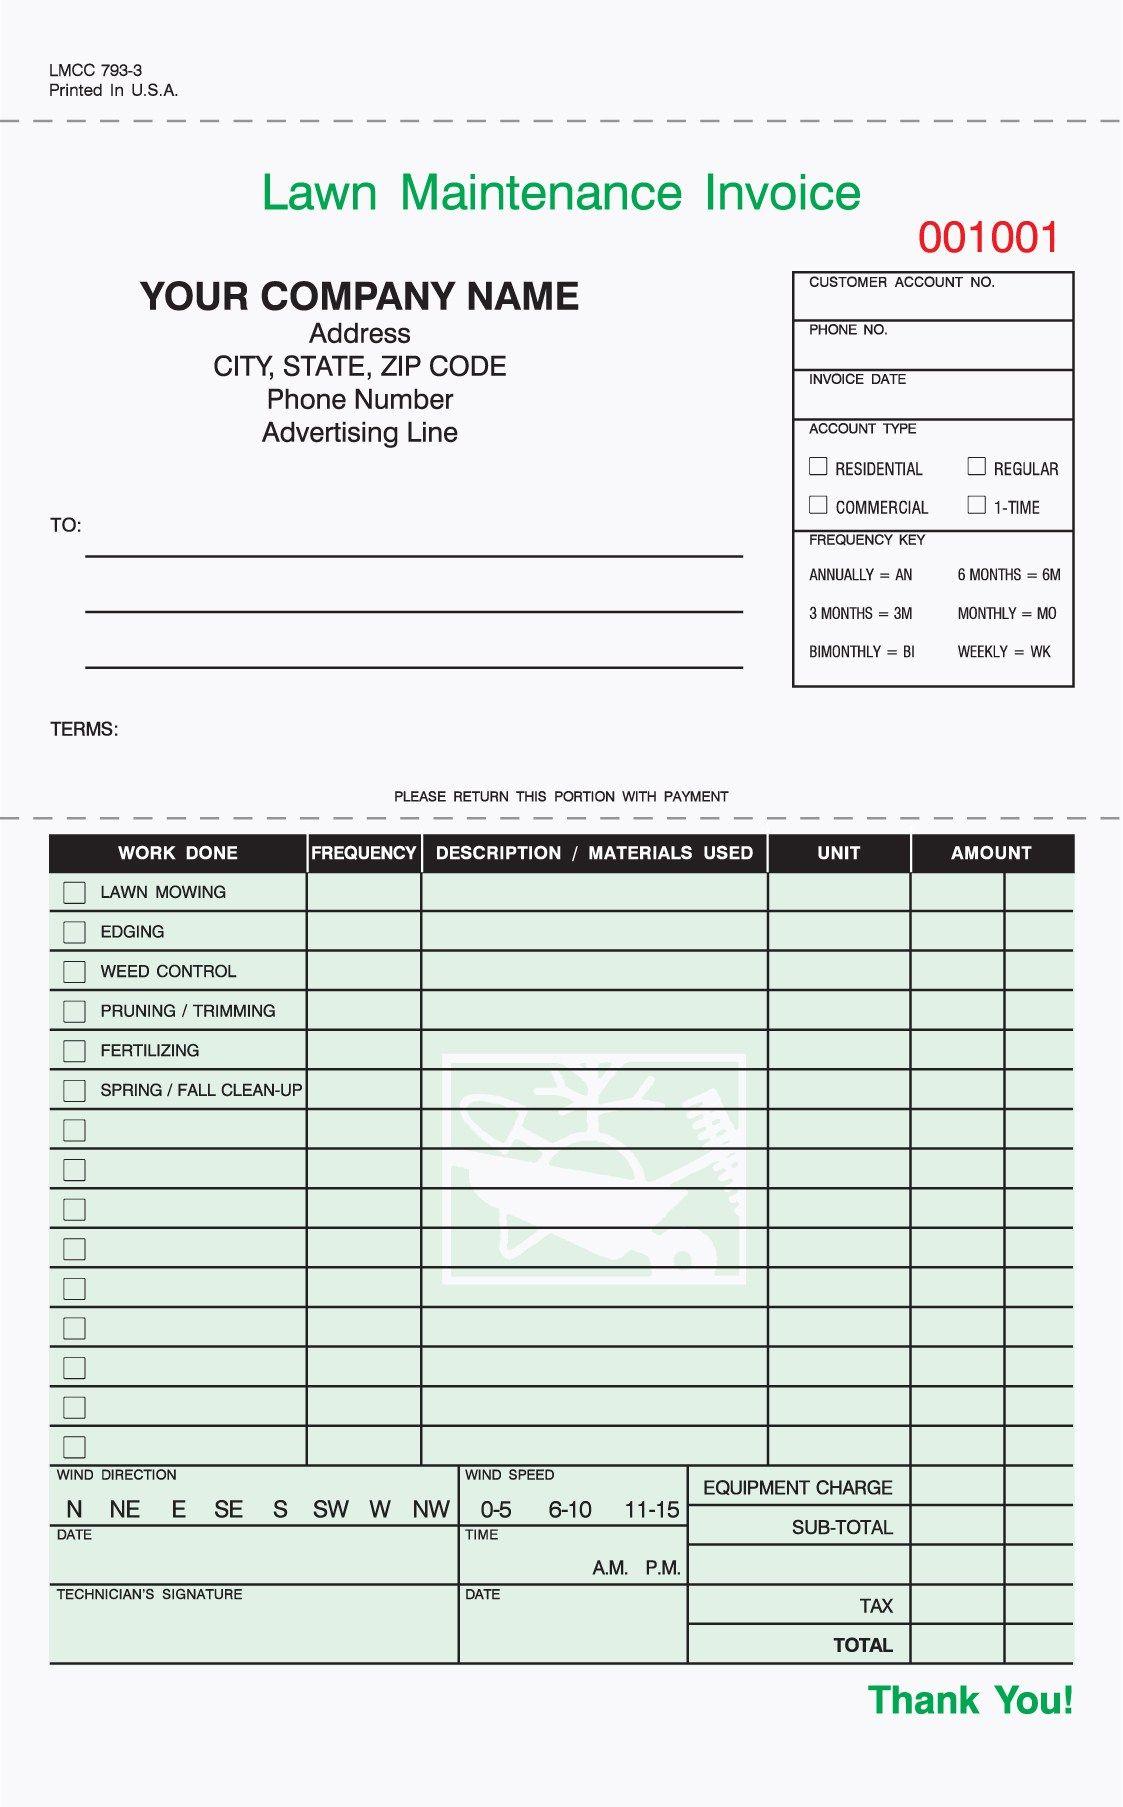 3 Part Lawn Care Invoices Lawn Maintenance Lawn Care Business Lawn Care Business Cards